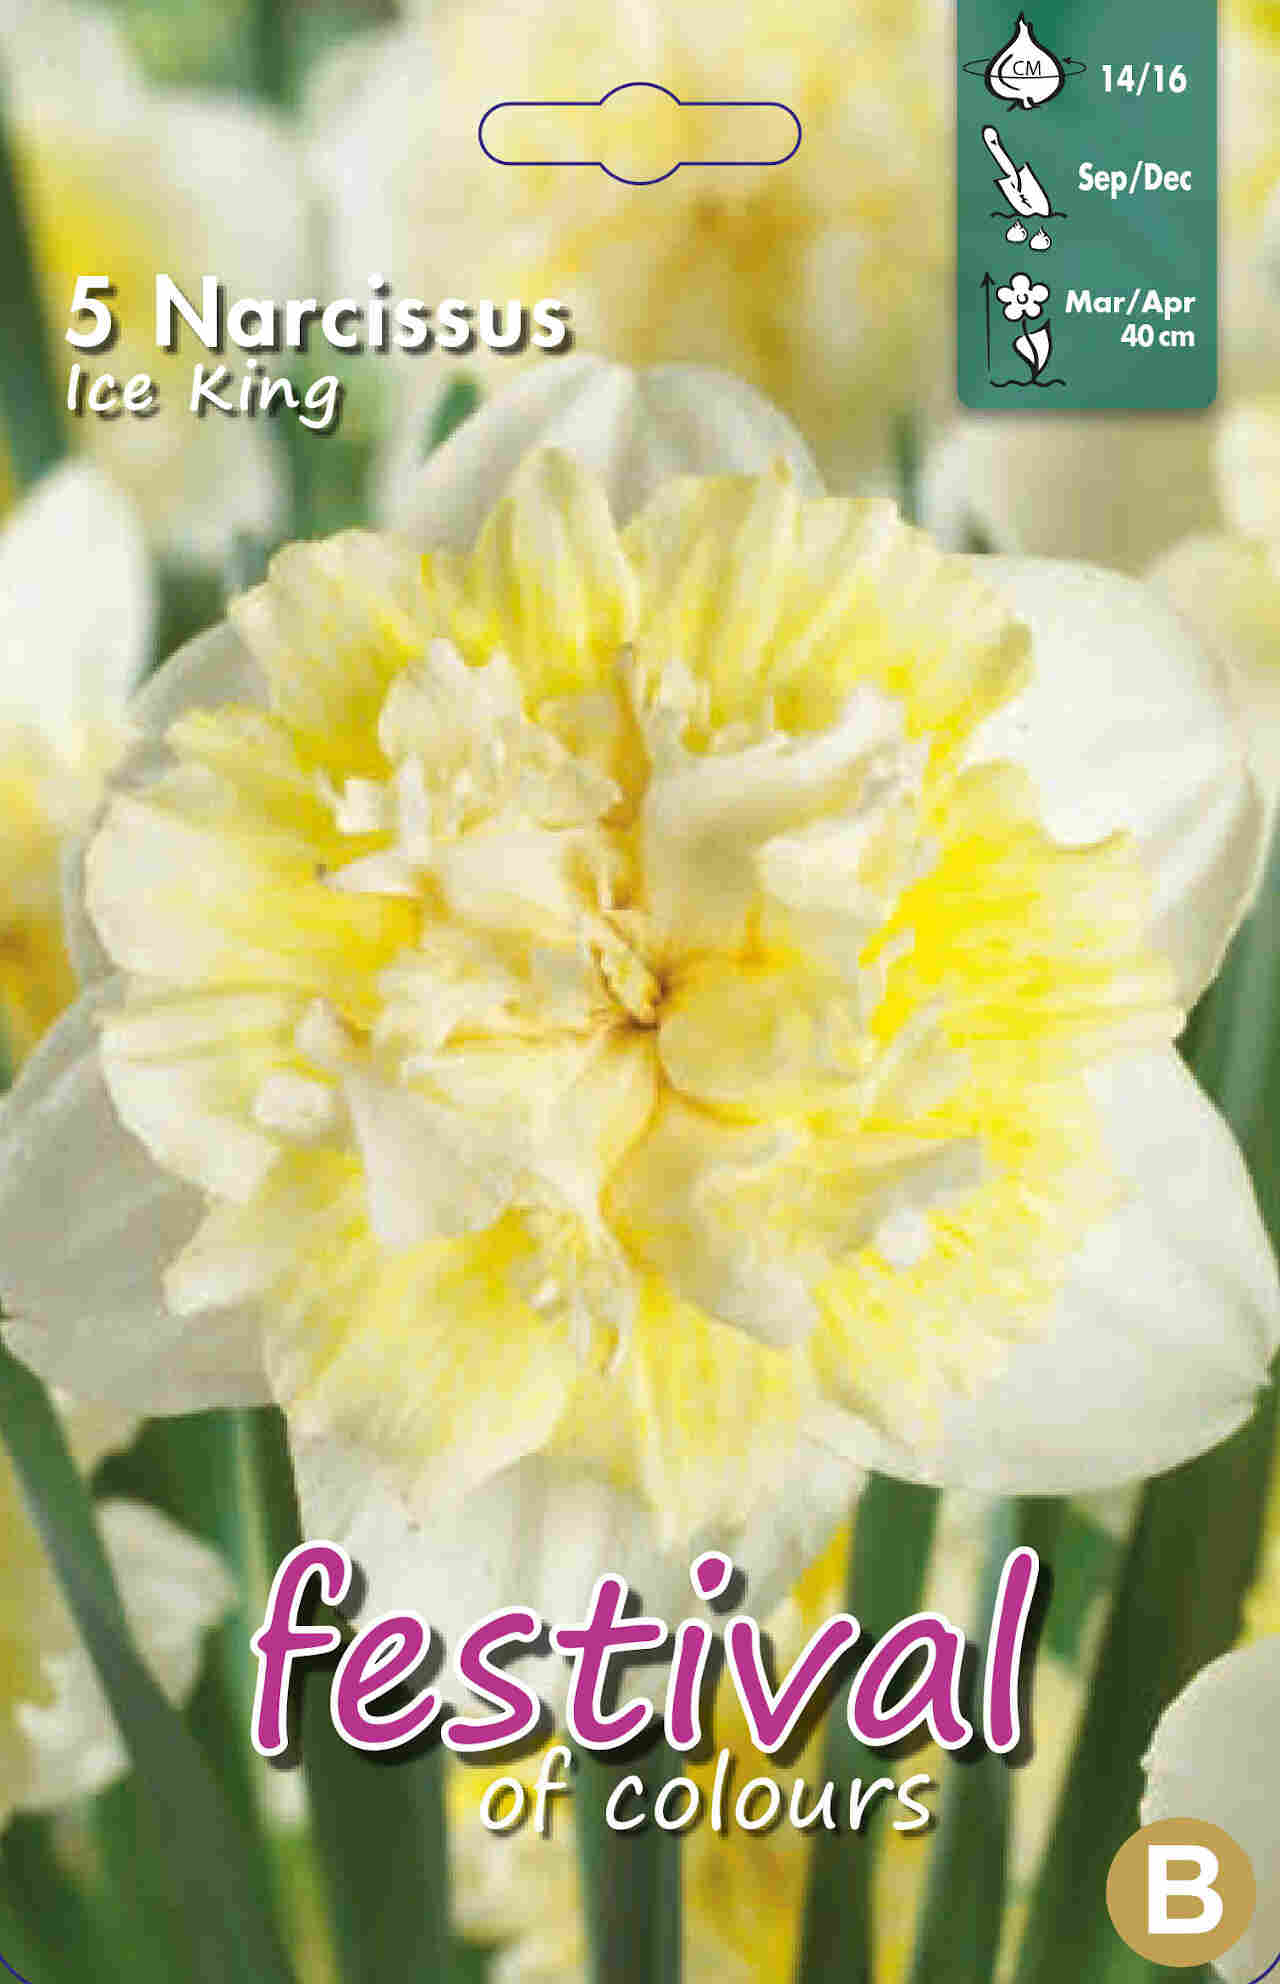 Påskeliljeløg - Narcissus Ice King 14/16